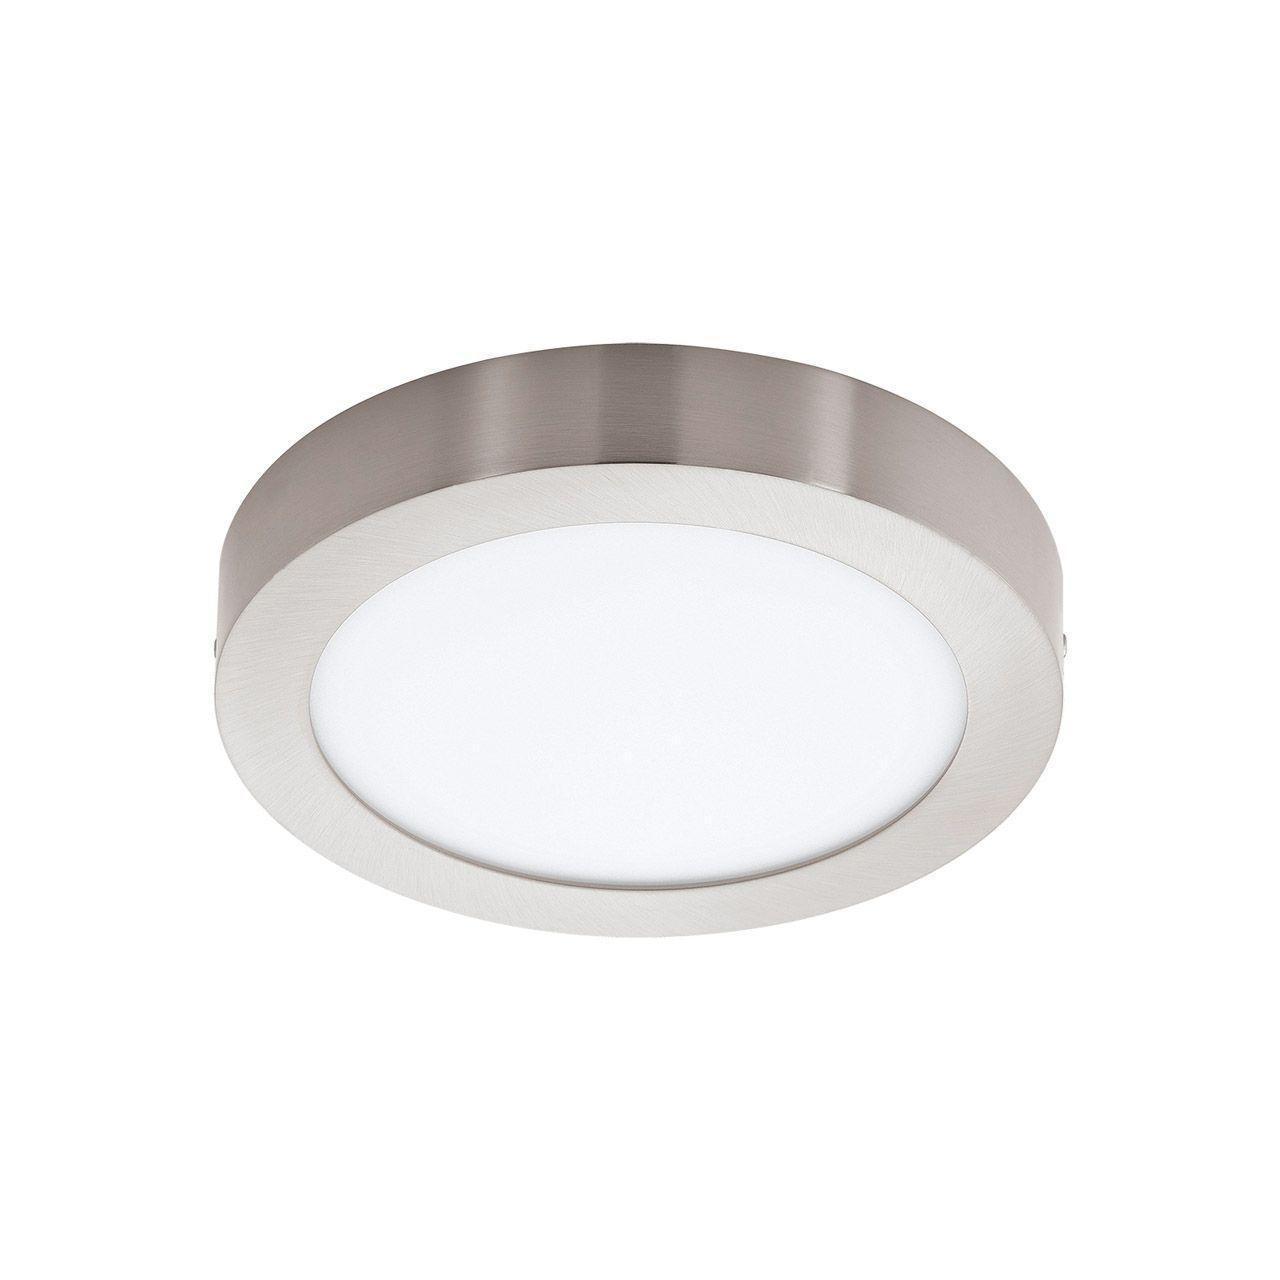 Потолочный светильник Eglo 32443, белый eglo 91342